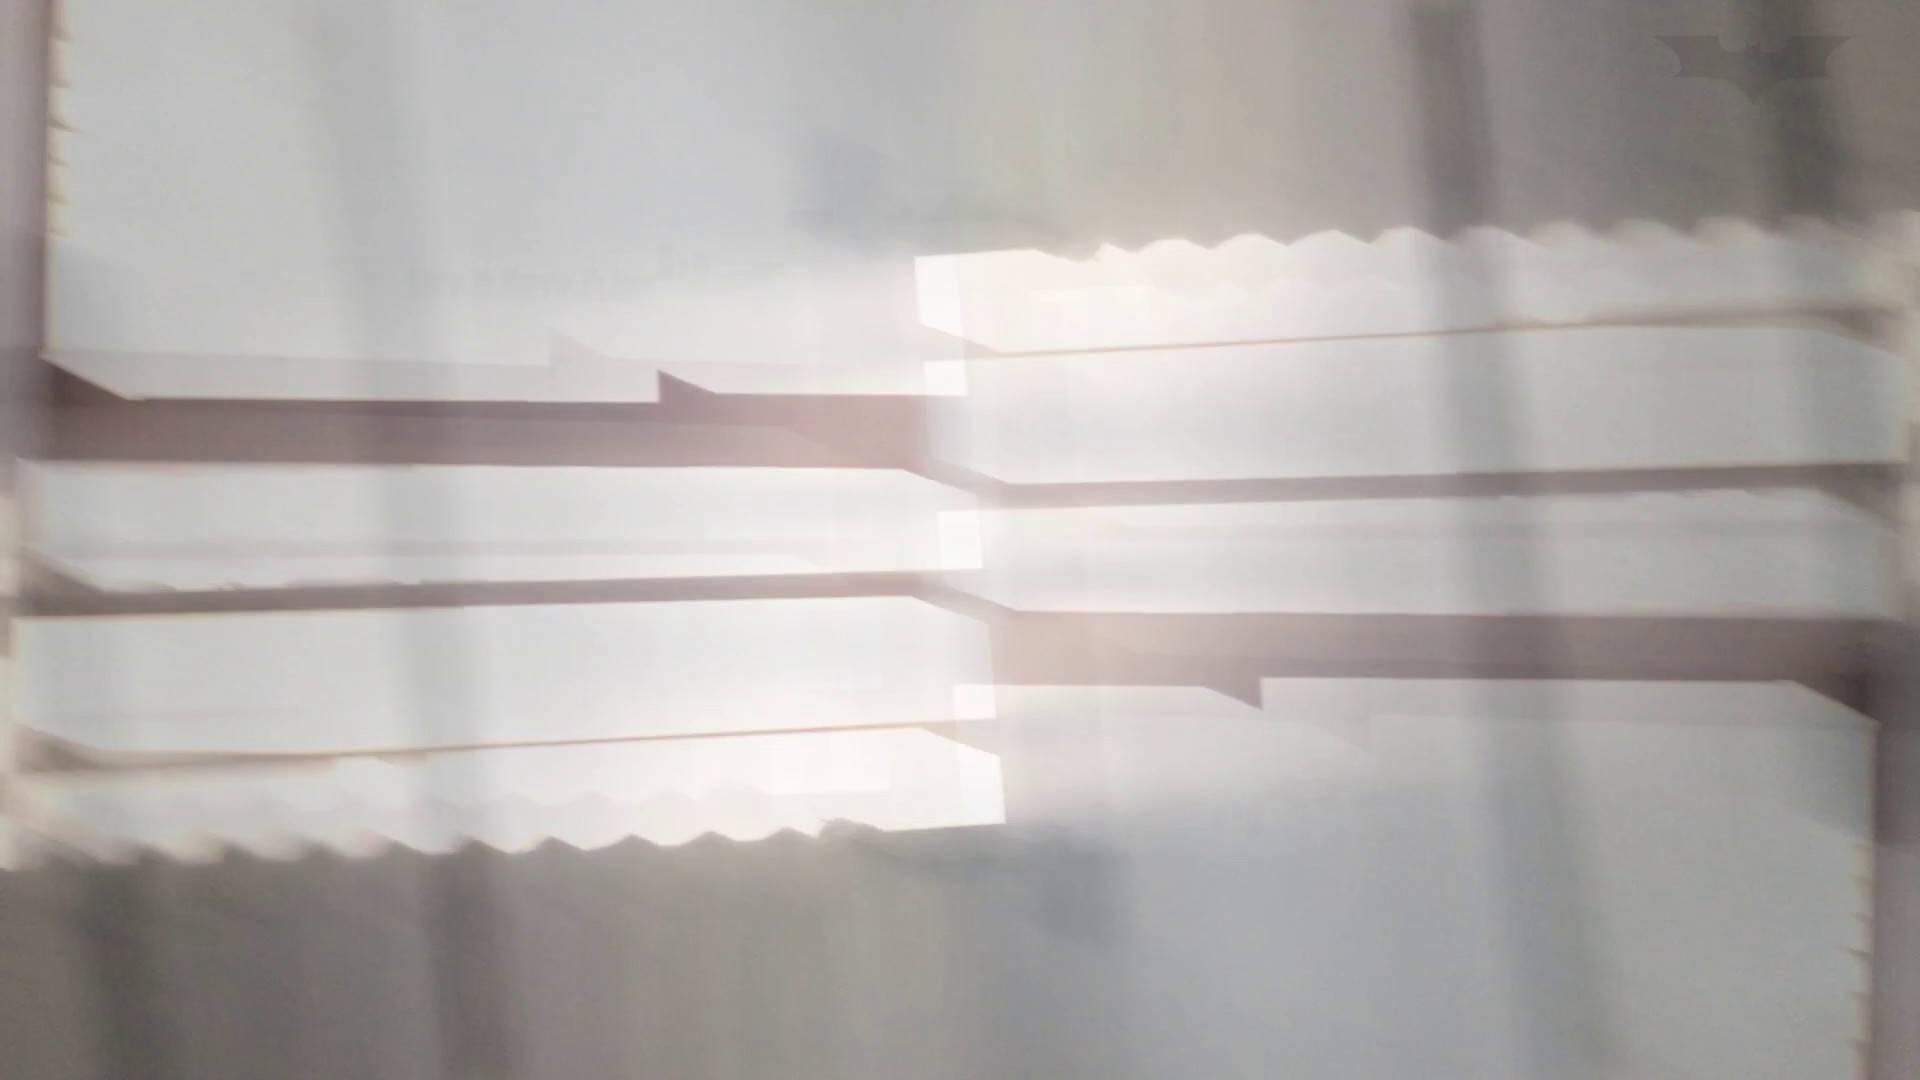 芸術大学ガチ潜入盗撮 JD盗撮 美女の洗面所の秘密 Vol.92 細身女性 性交動画流出 56画像 49